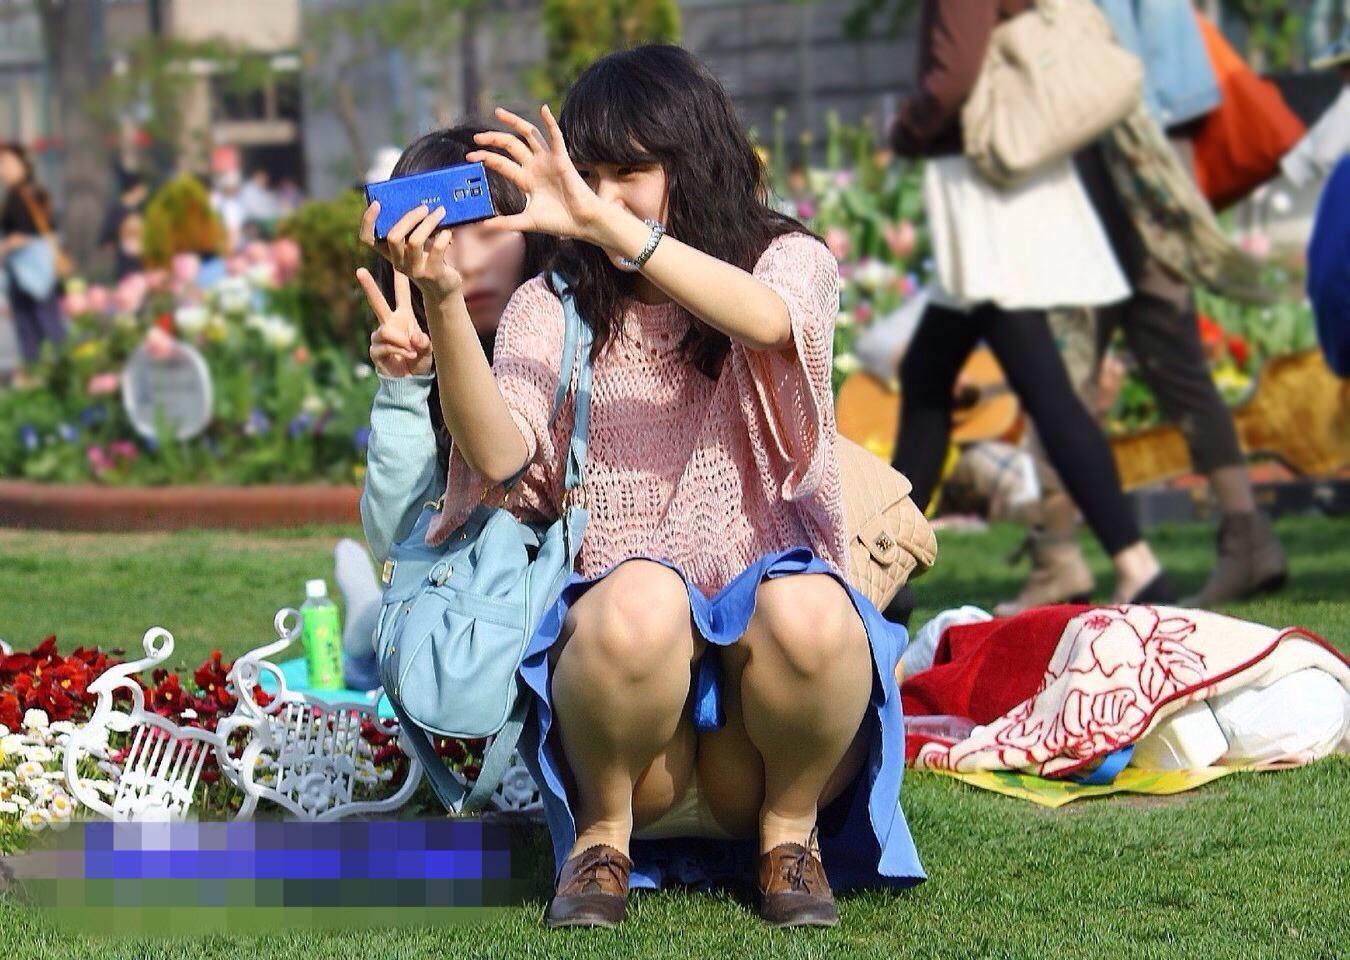 公園でのパンチラ率高すぎーwww可愛いお姉さんのパンツ見放題!!! 2442